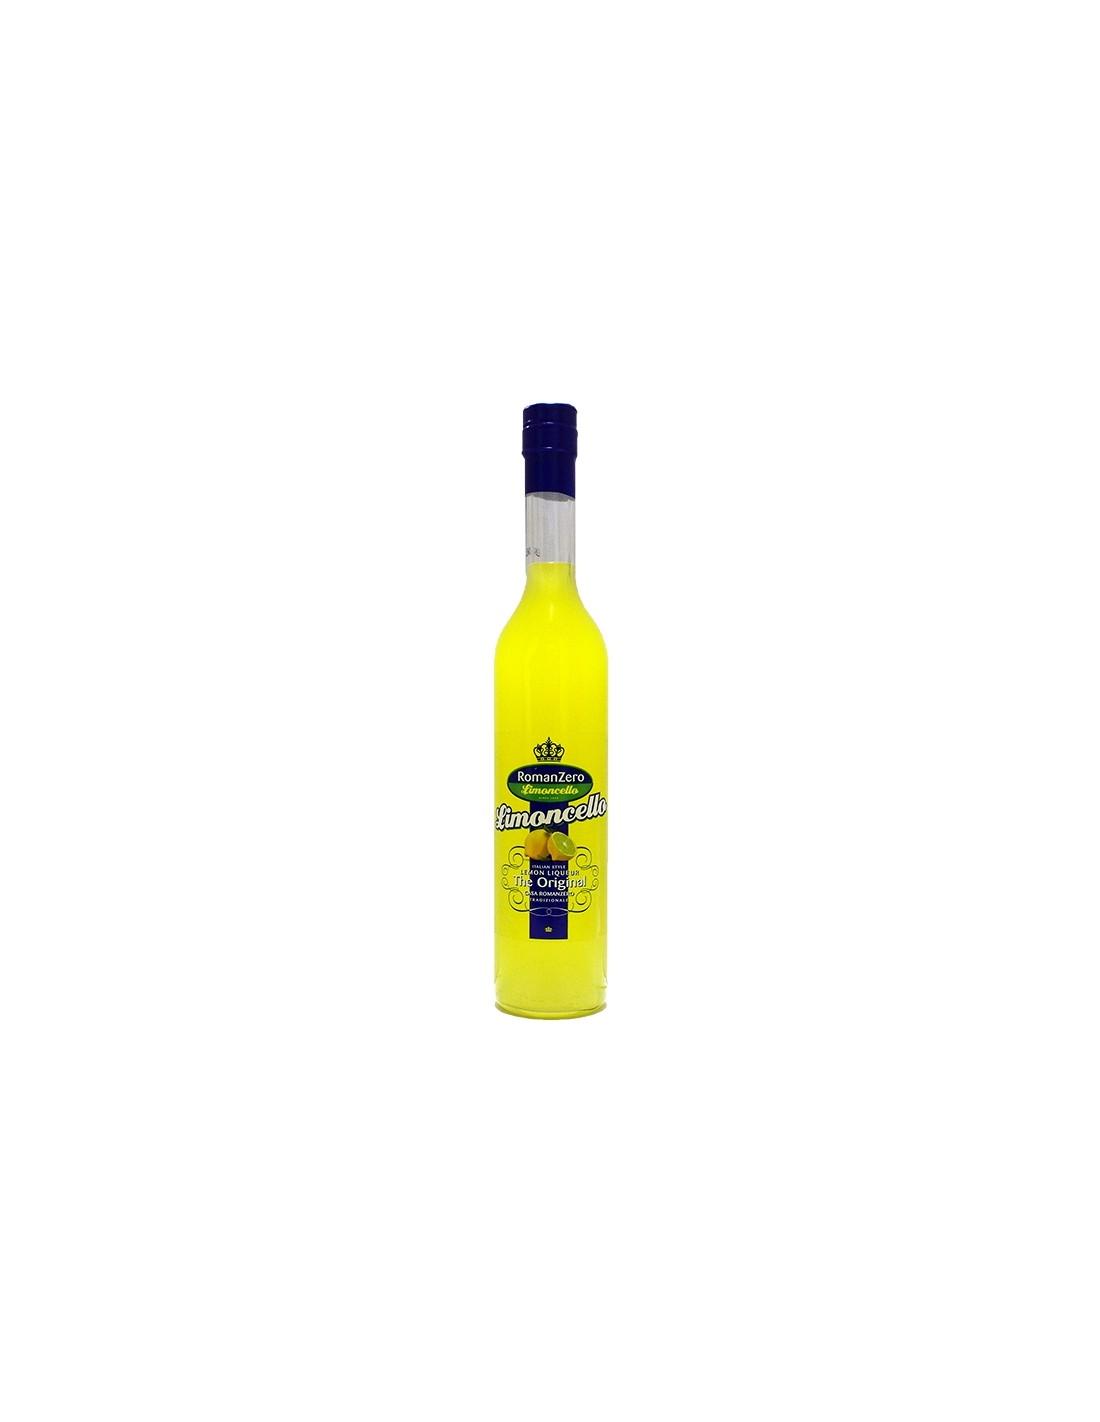 Lichior Limoncelo Romanzero 0.5l Alc. 25%